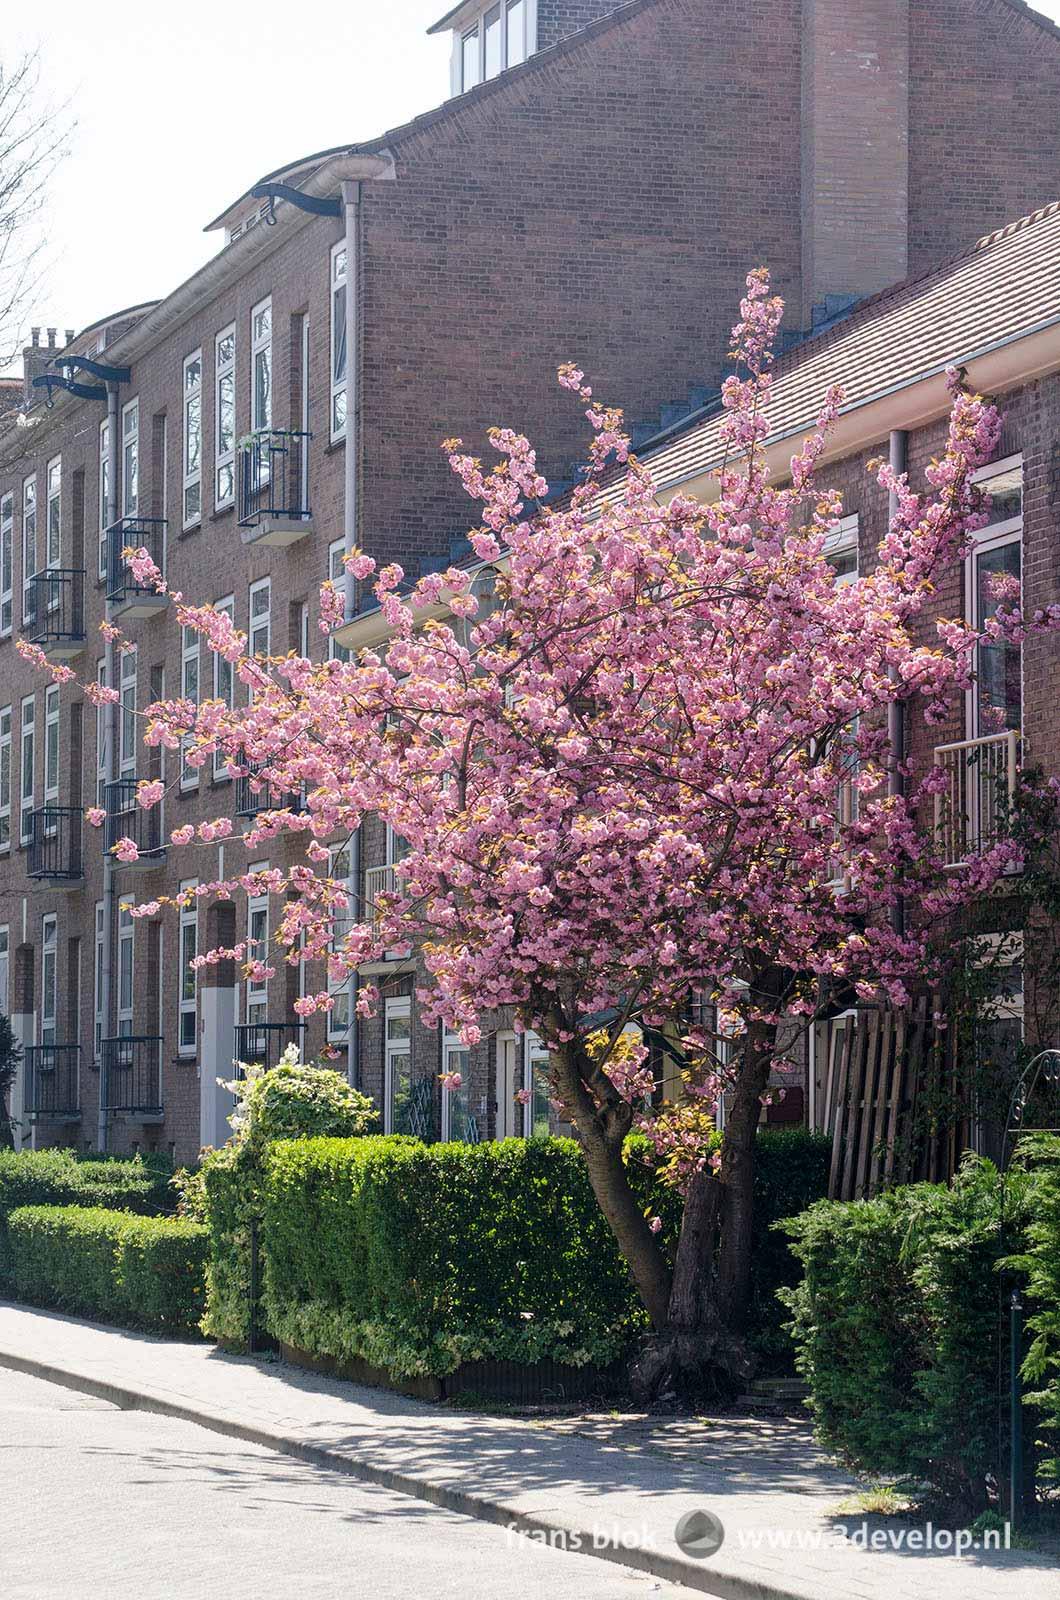 Bloeiende prunus in de Johan de Meesterstraat bij de Warande in Rotterdam in de lente